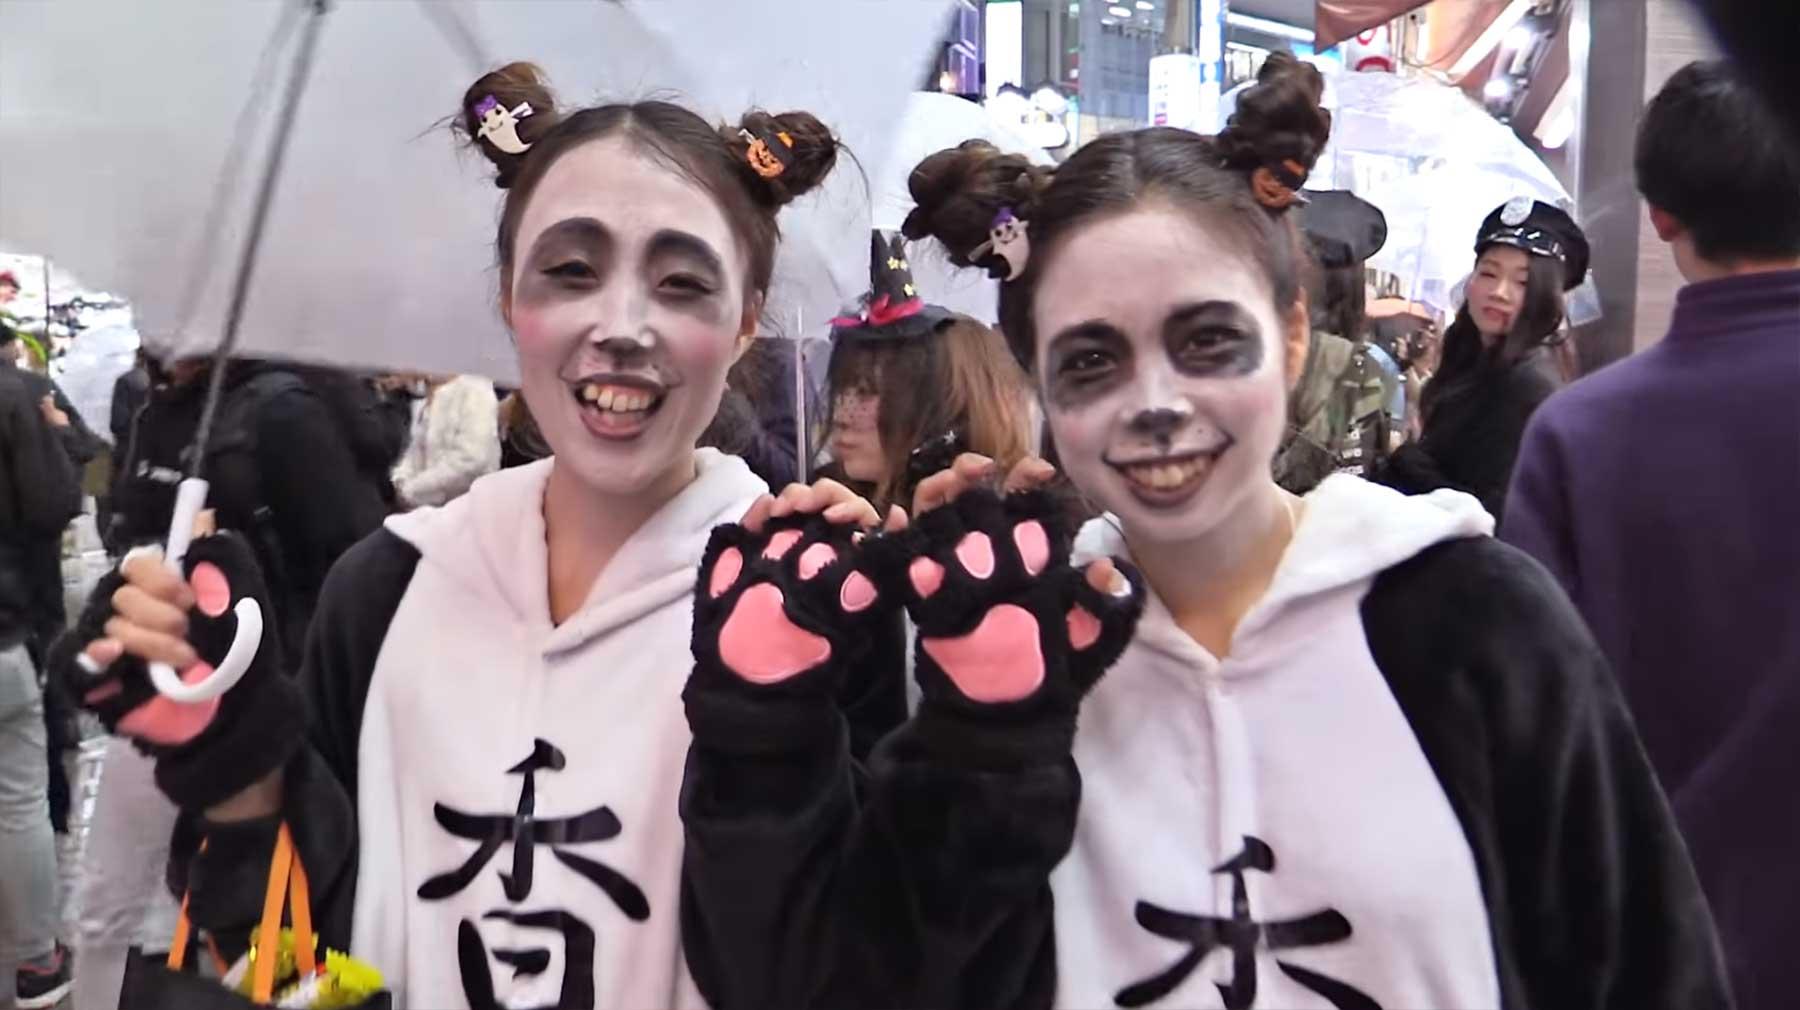 Die größte Halloween-Kostümparty stieg auf Japans Straßen